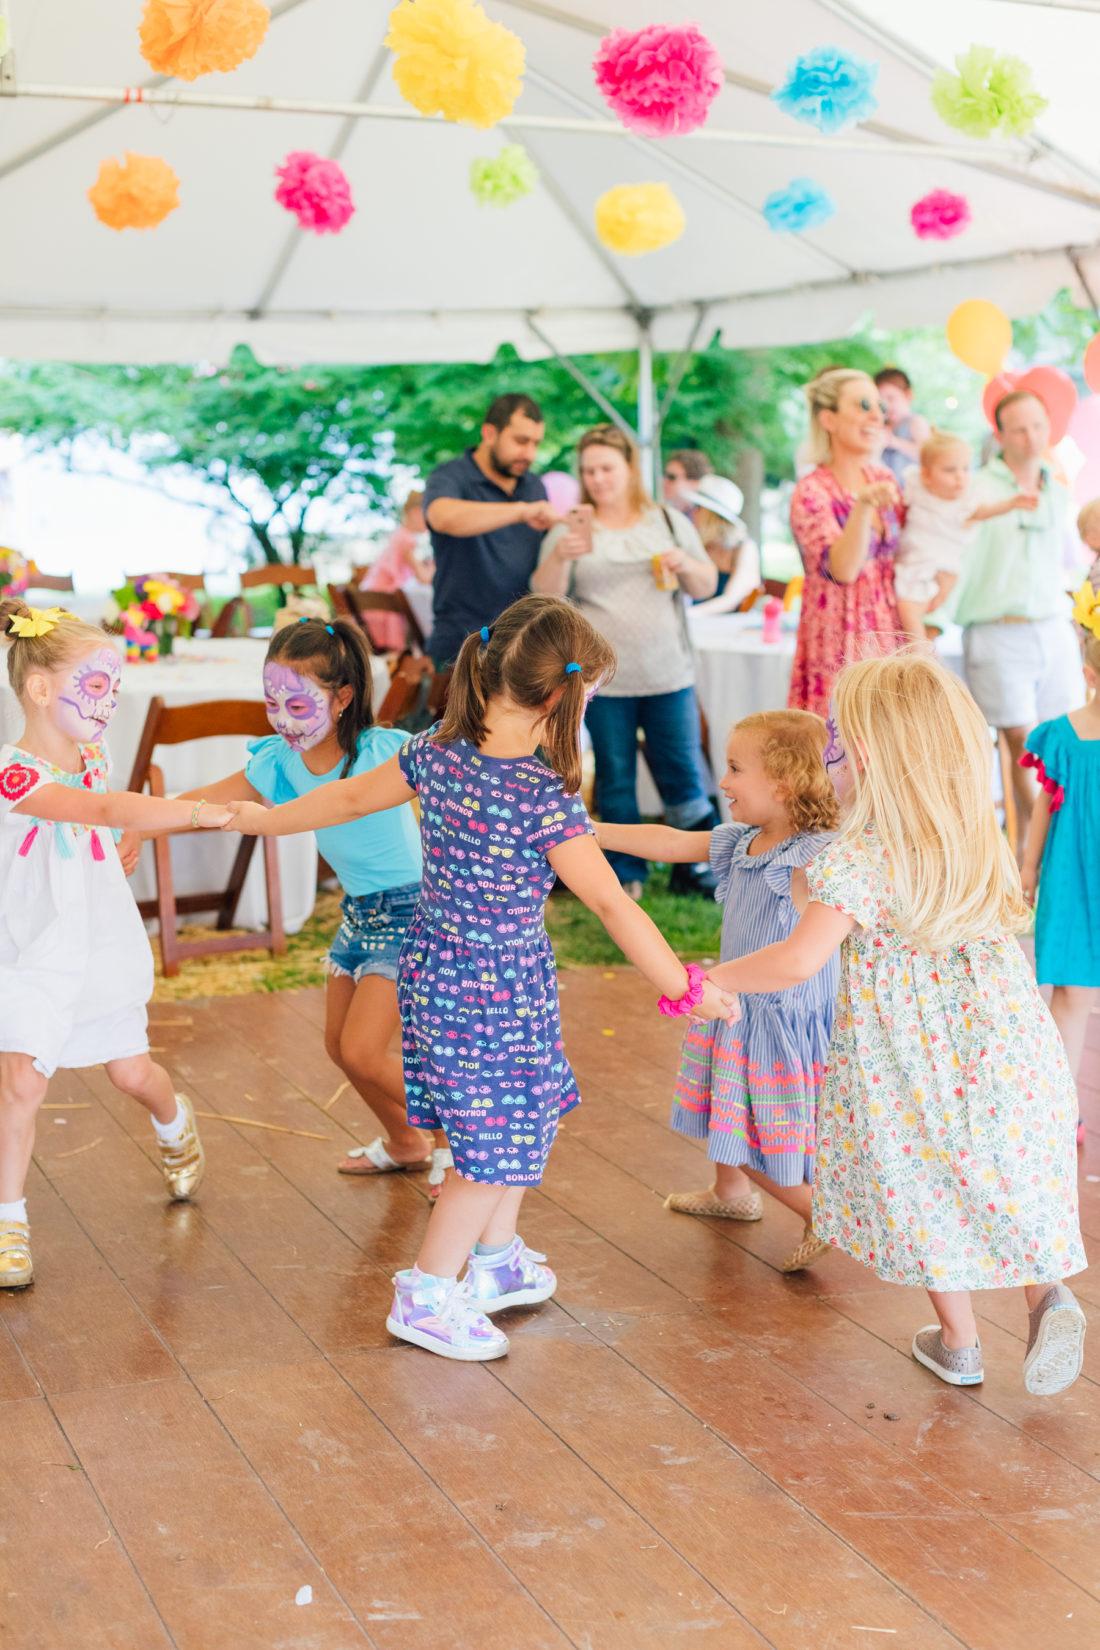 Children dance at Eva Amurri Martino's daughter Marlowe's 5th birthday party